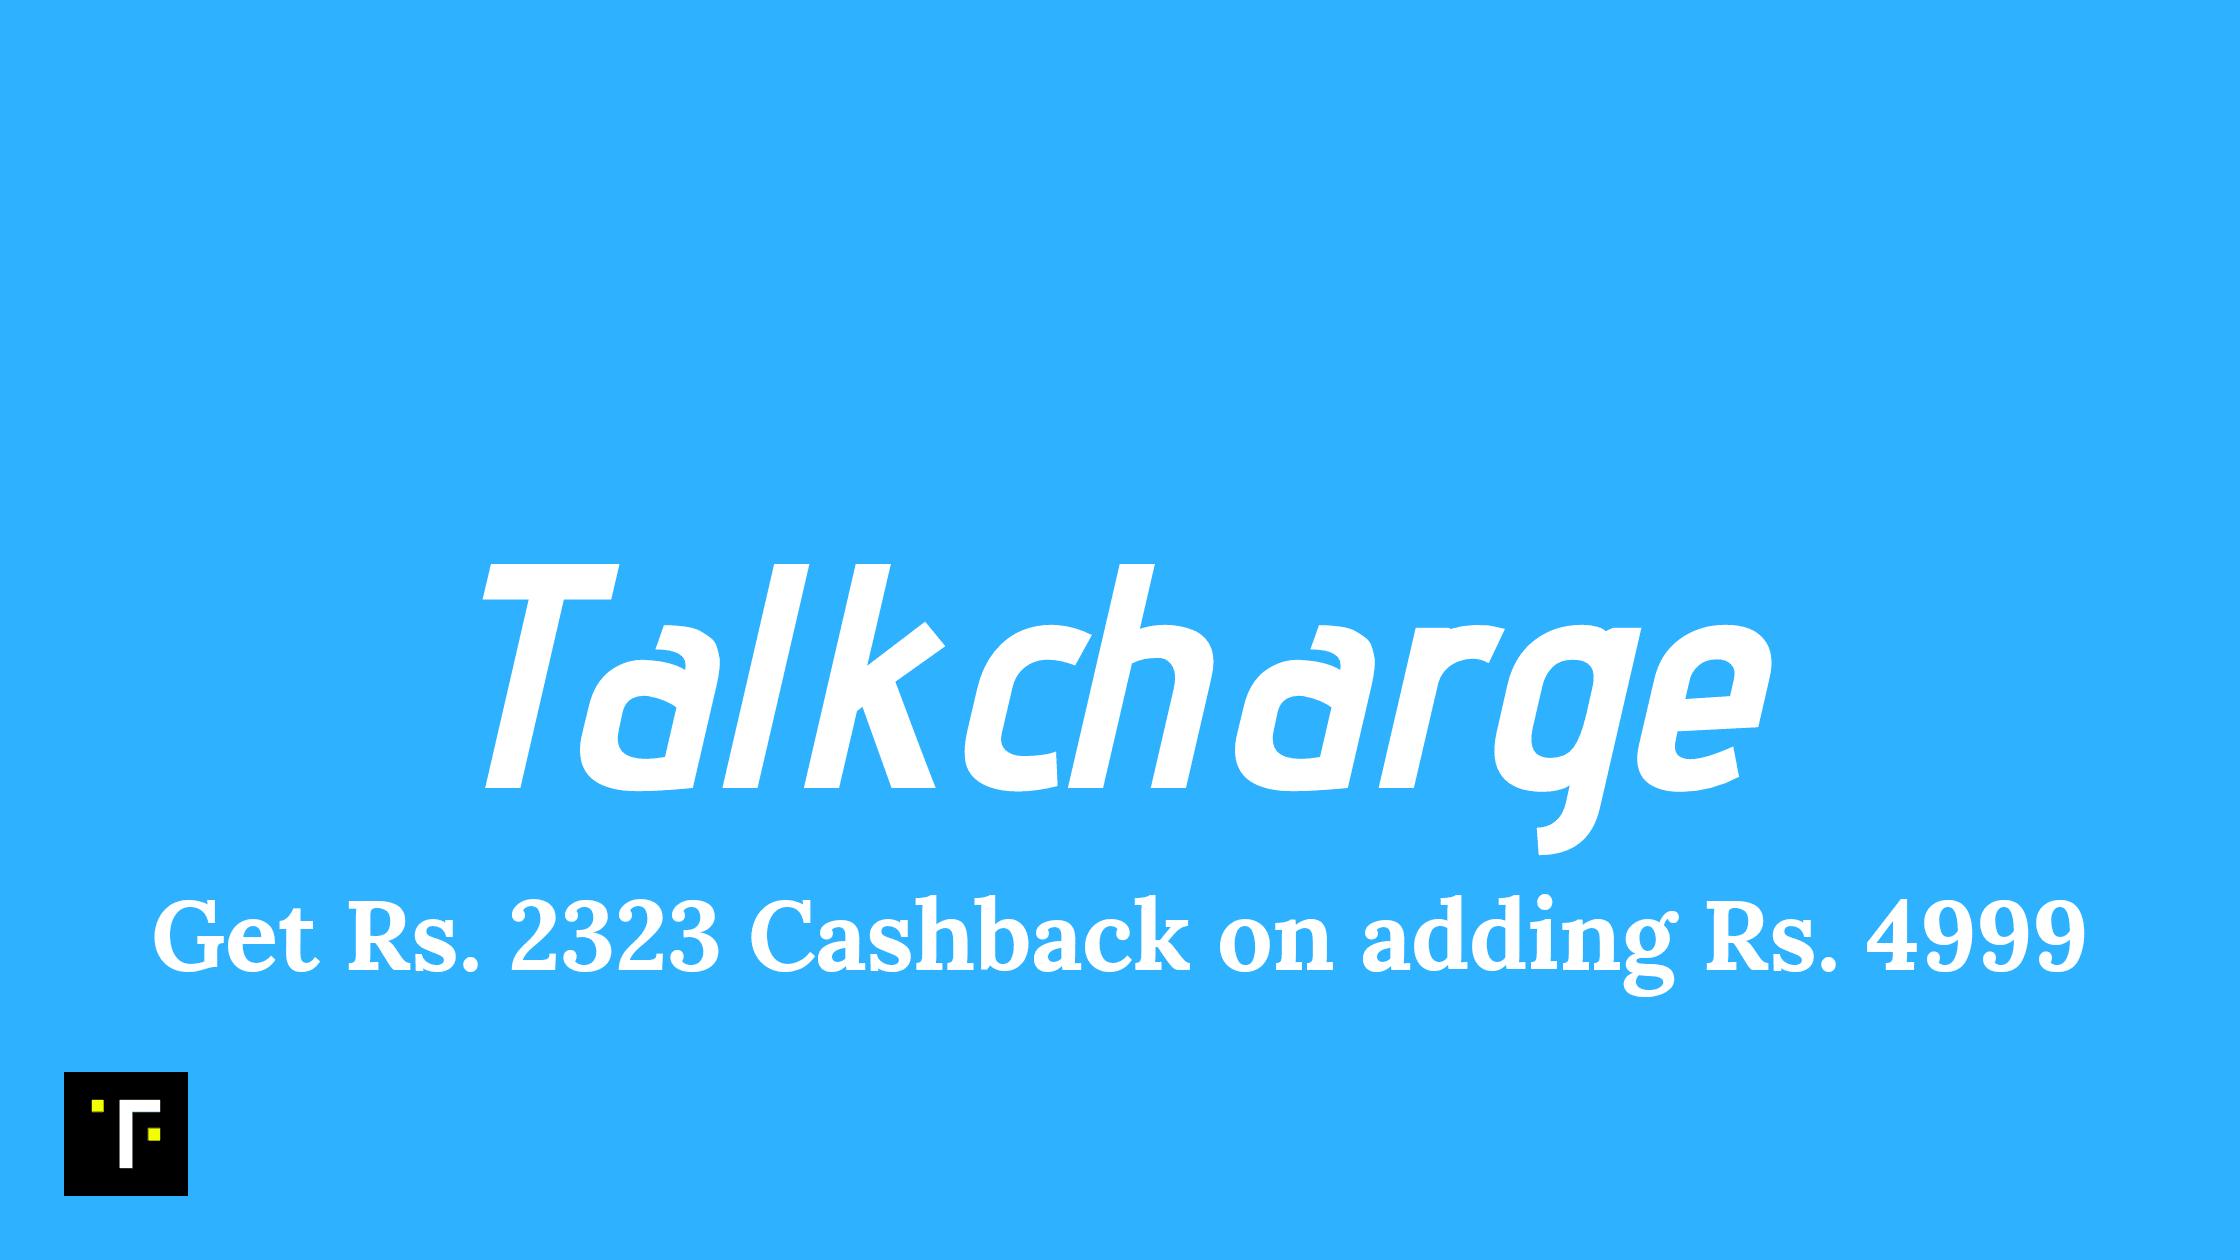 Talkcharge: Get Rs. 2323 Cashback on adding Rs. 4999